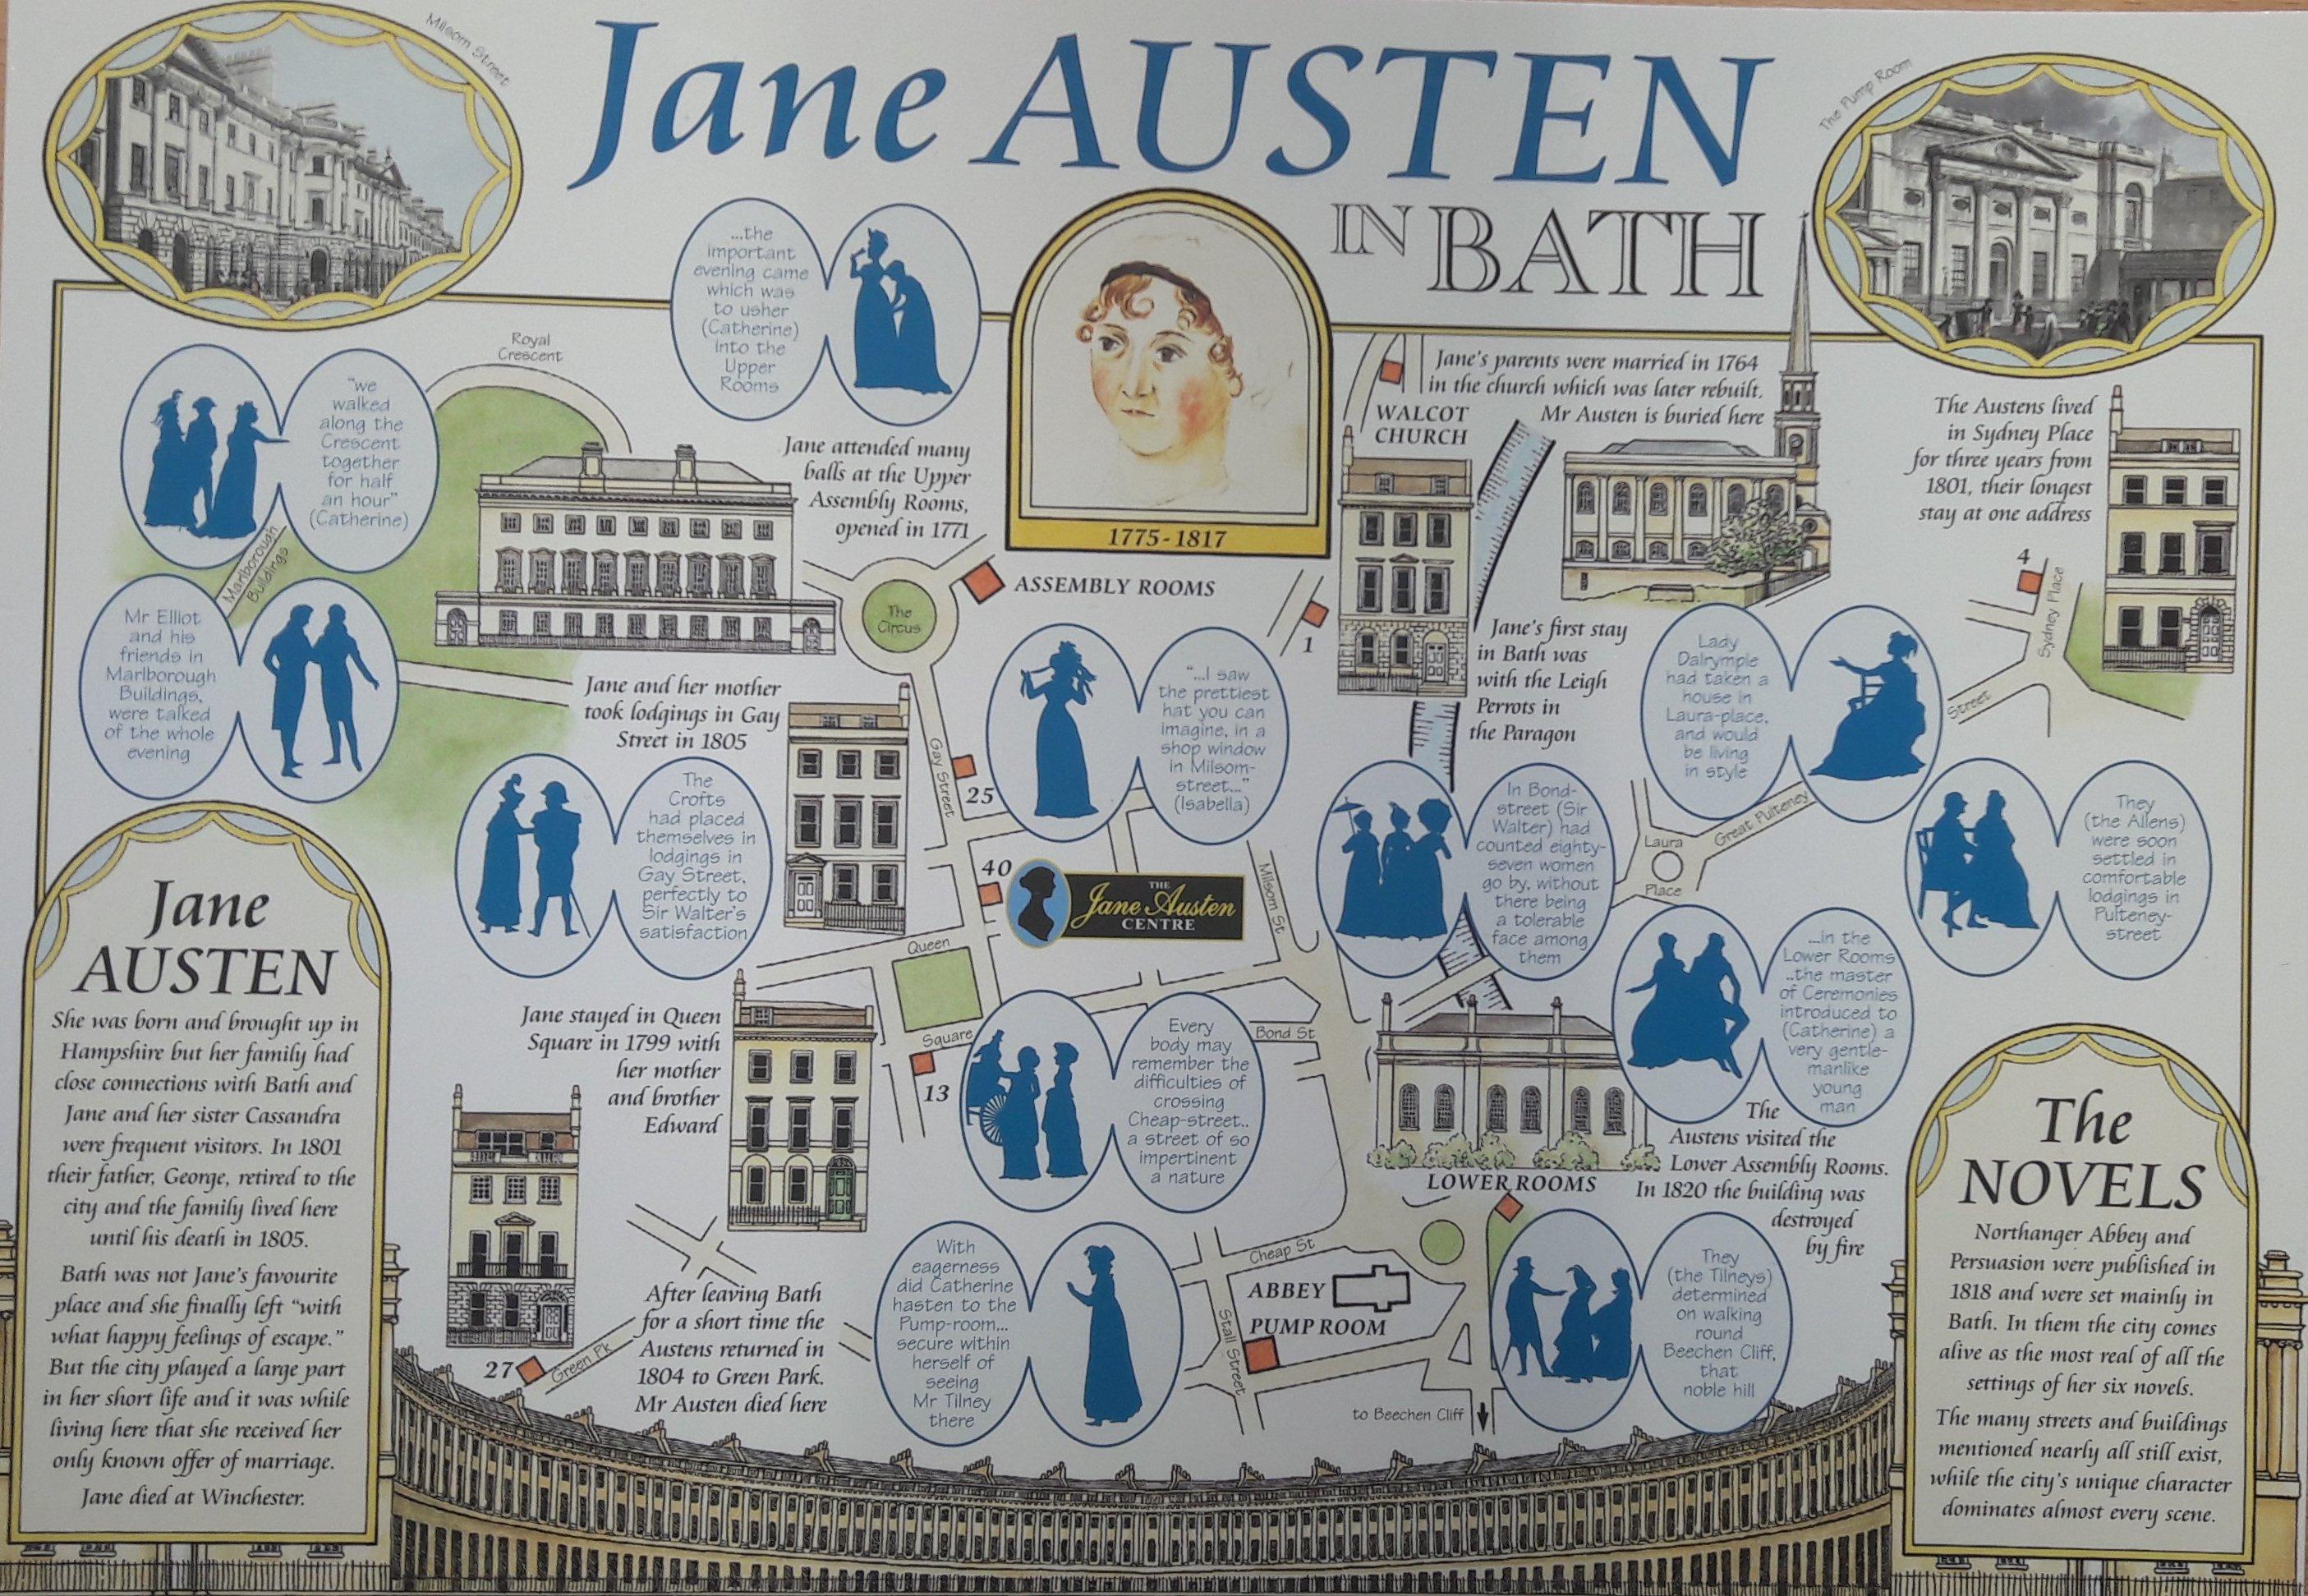 Jane Austen, si celebrano oggi i 200 anni dalla morte